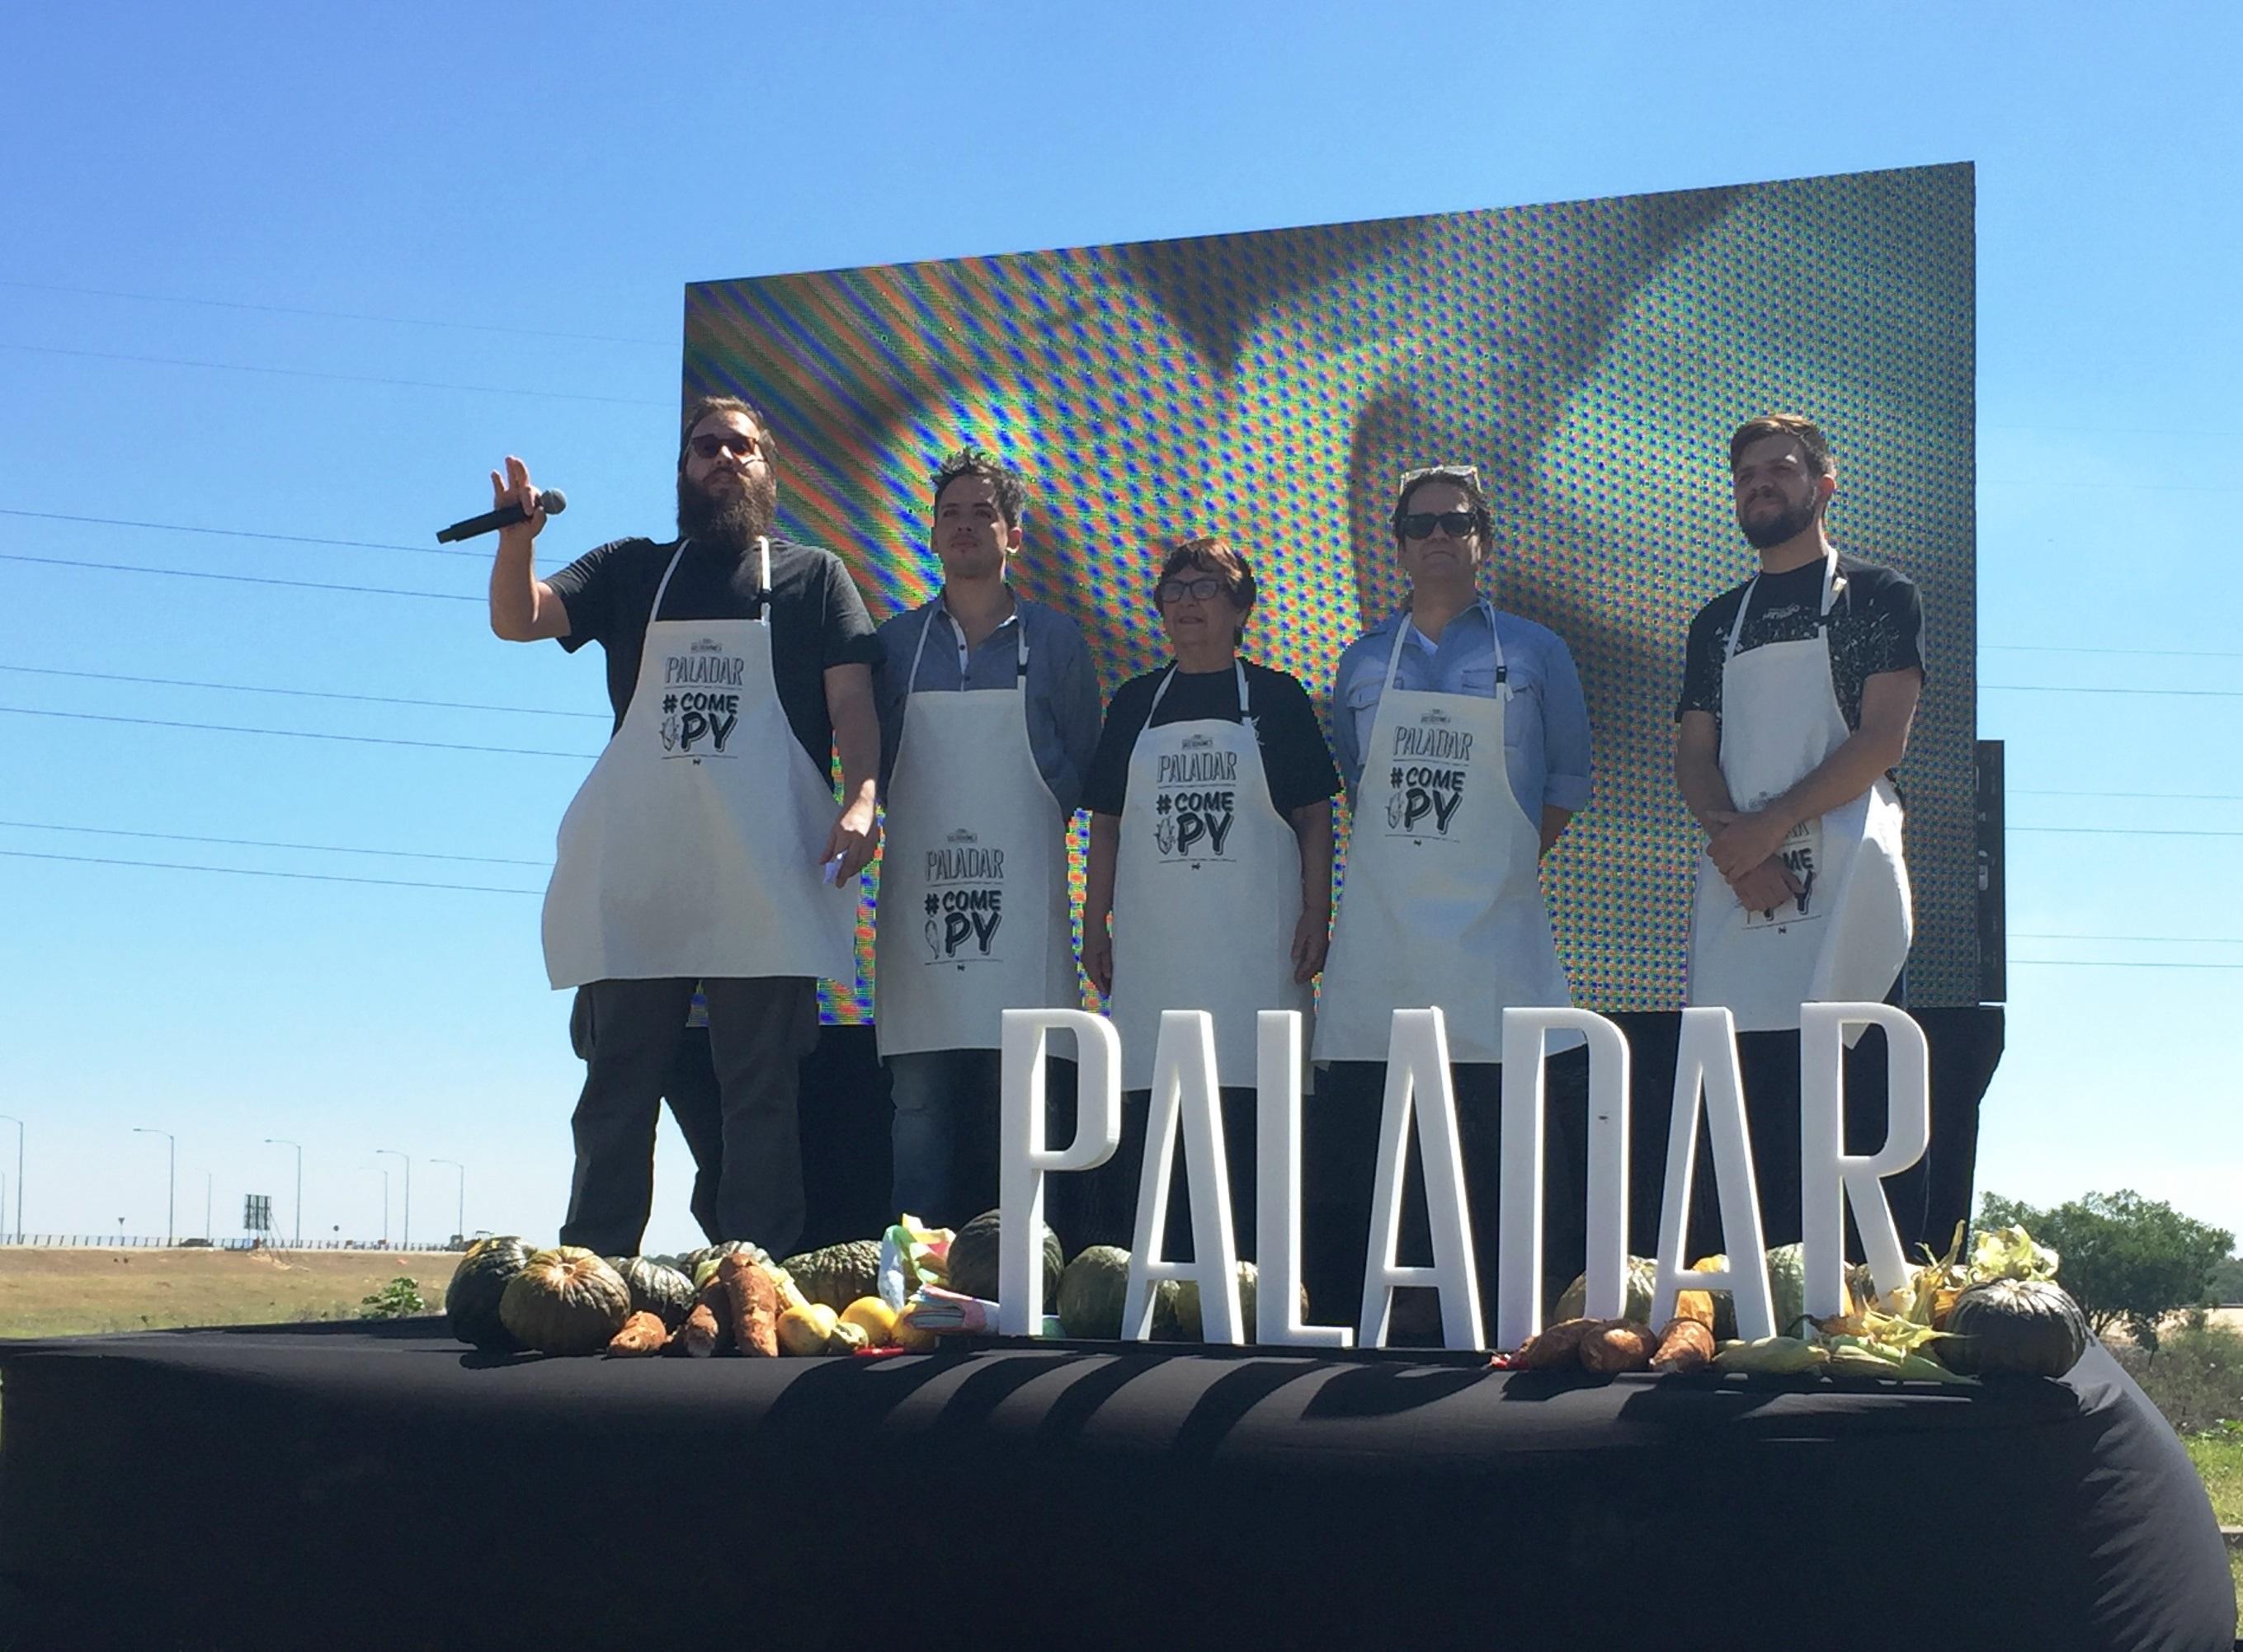 Paladar_paraguay_2016